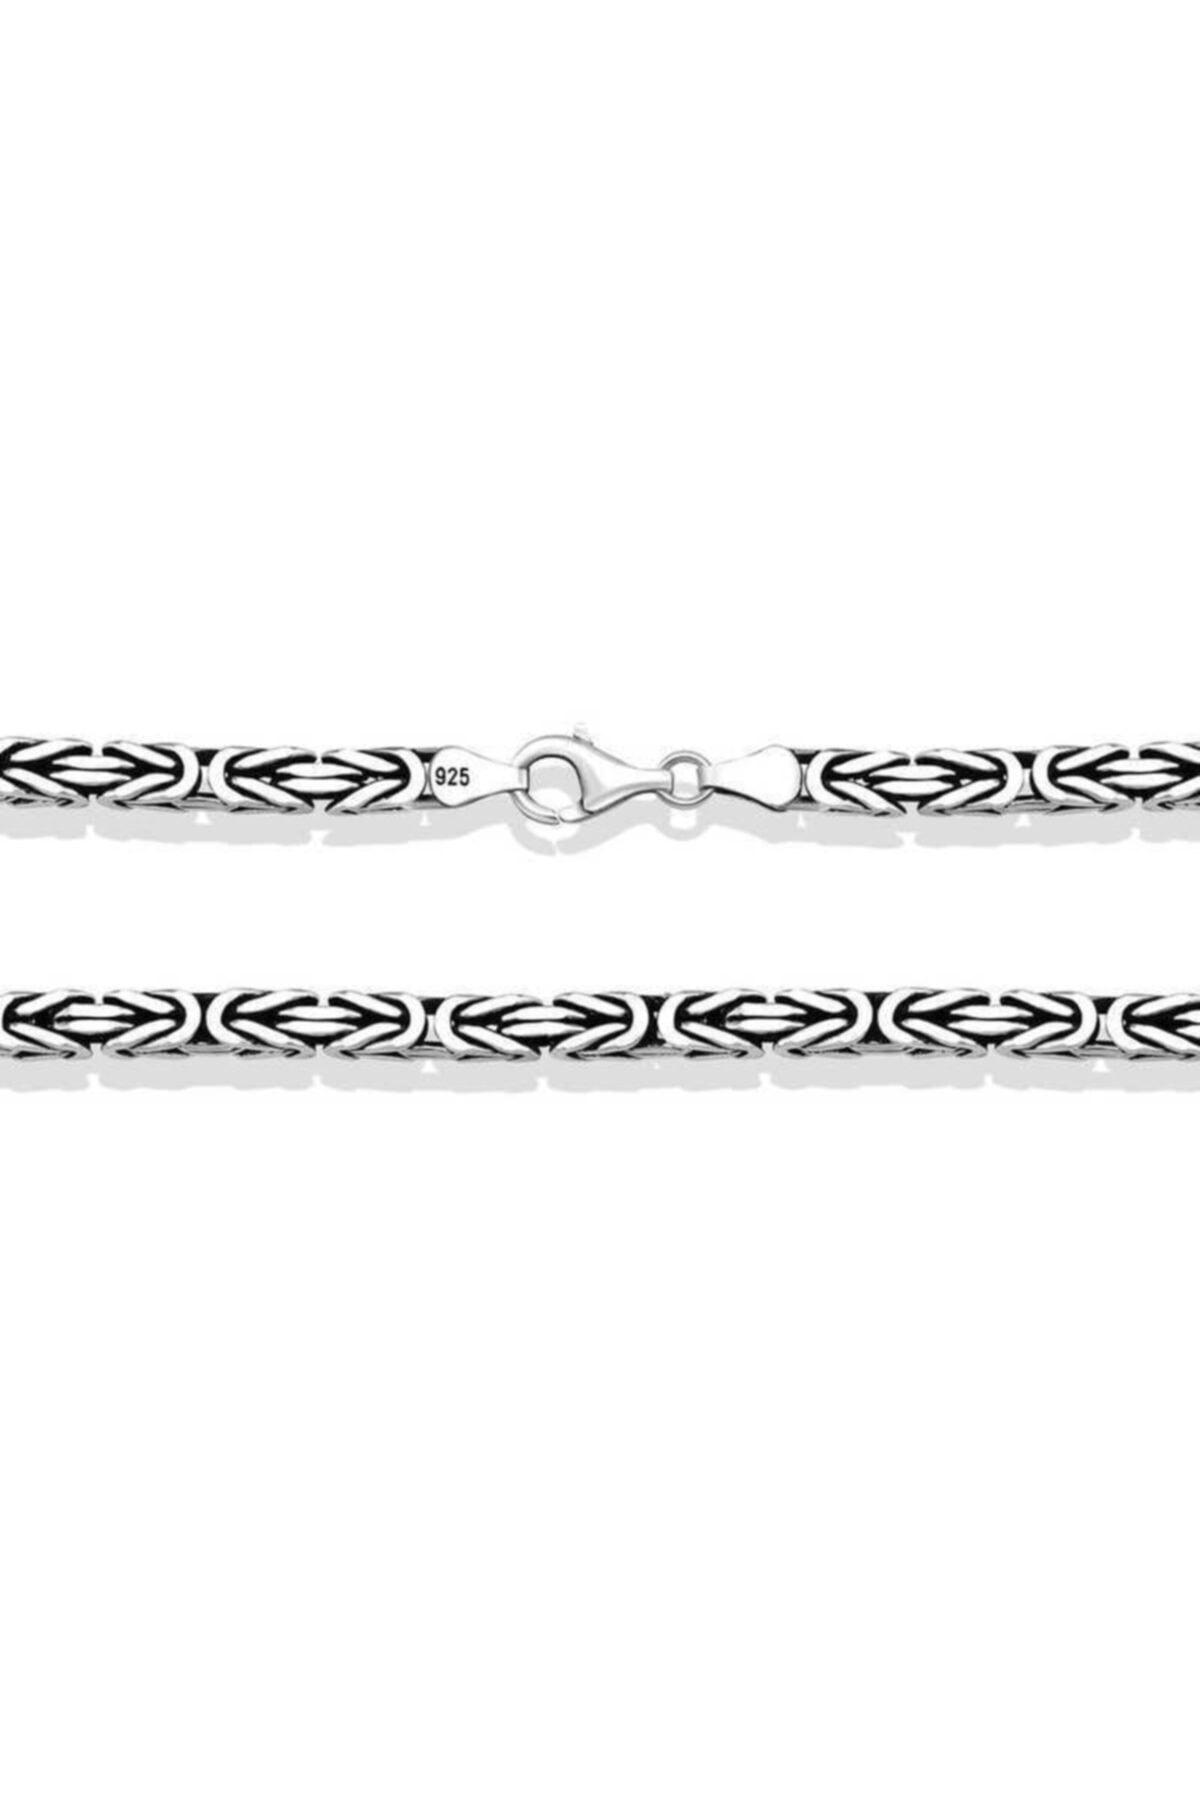 Gumush Gümüş Kral Zincir - 4 Mm Köşeli 1